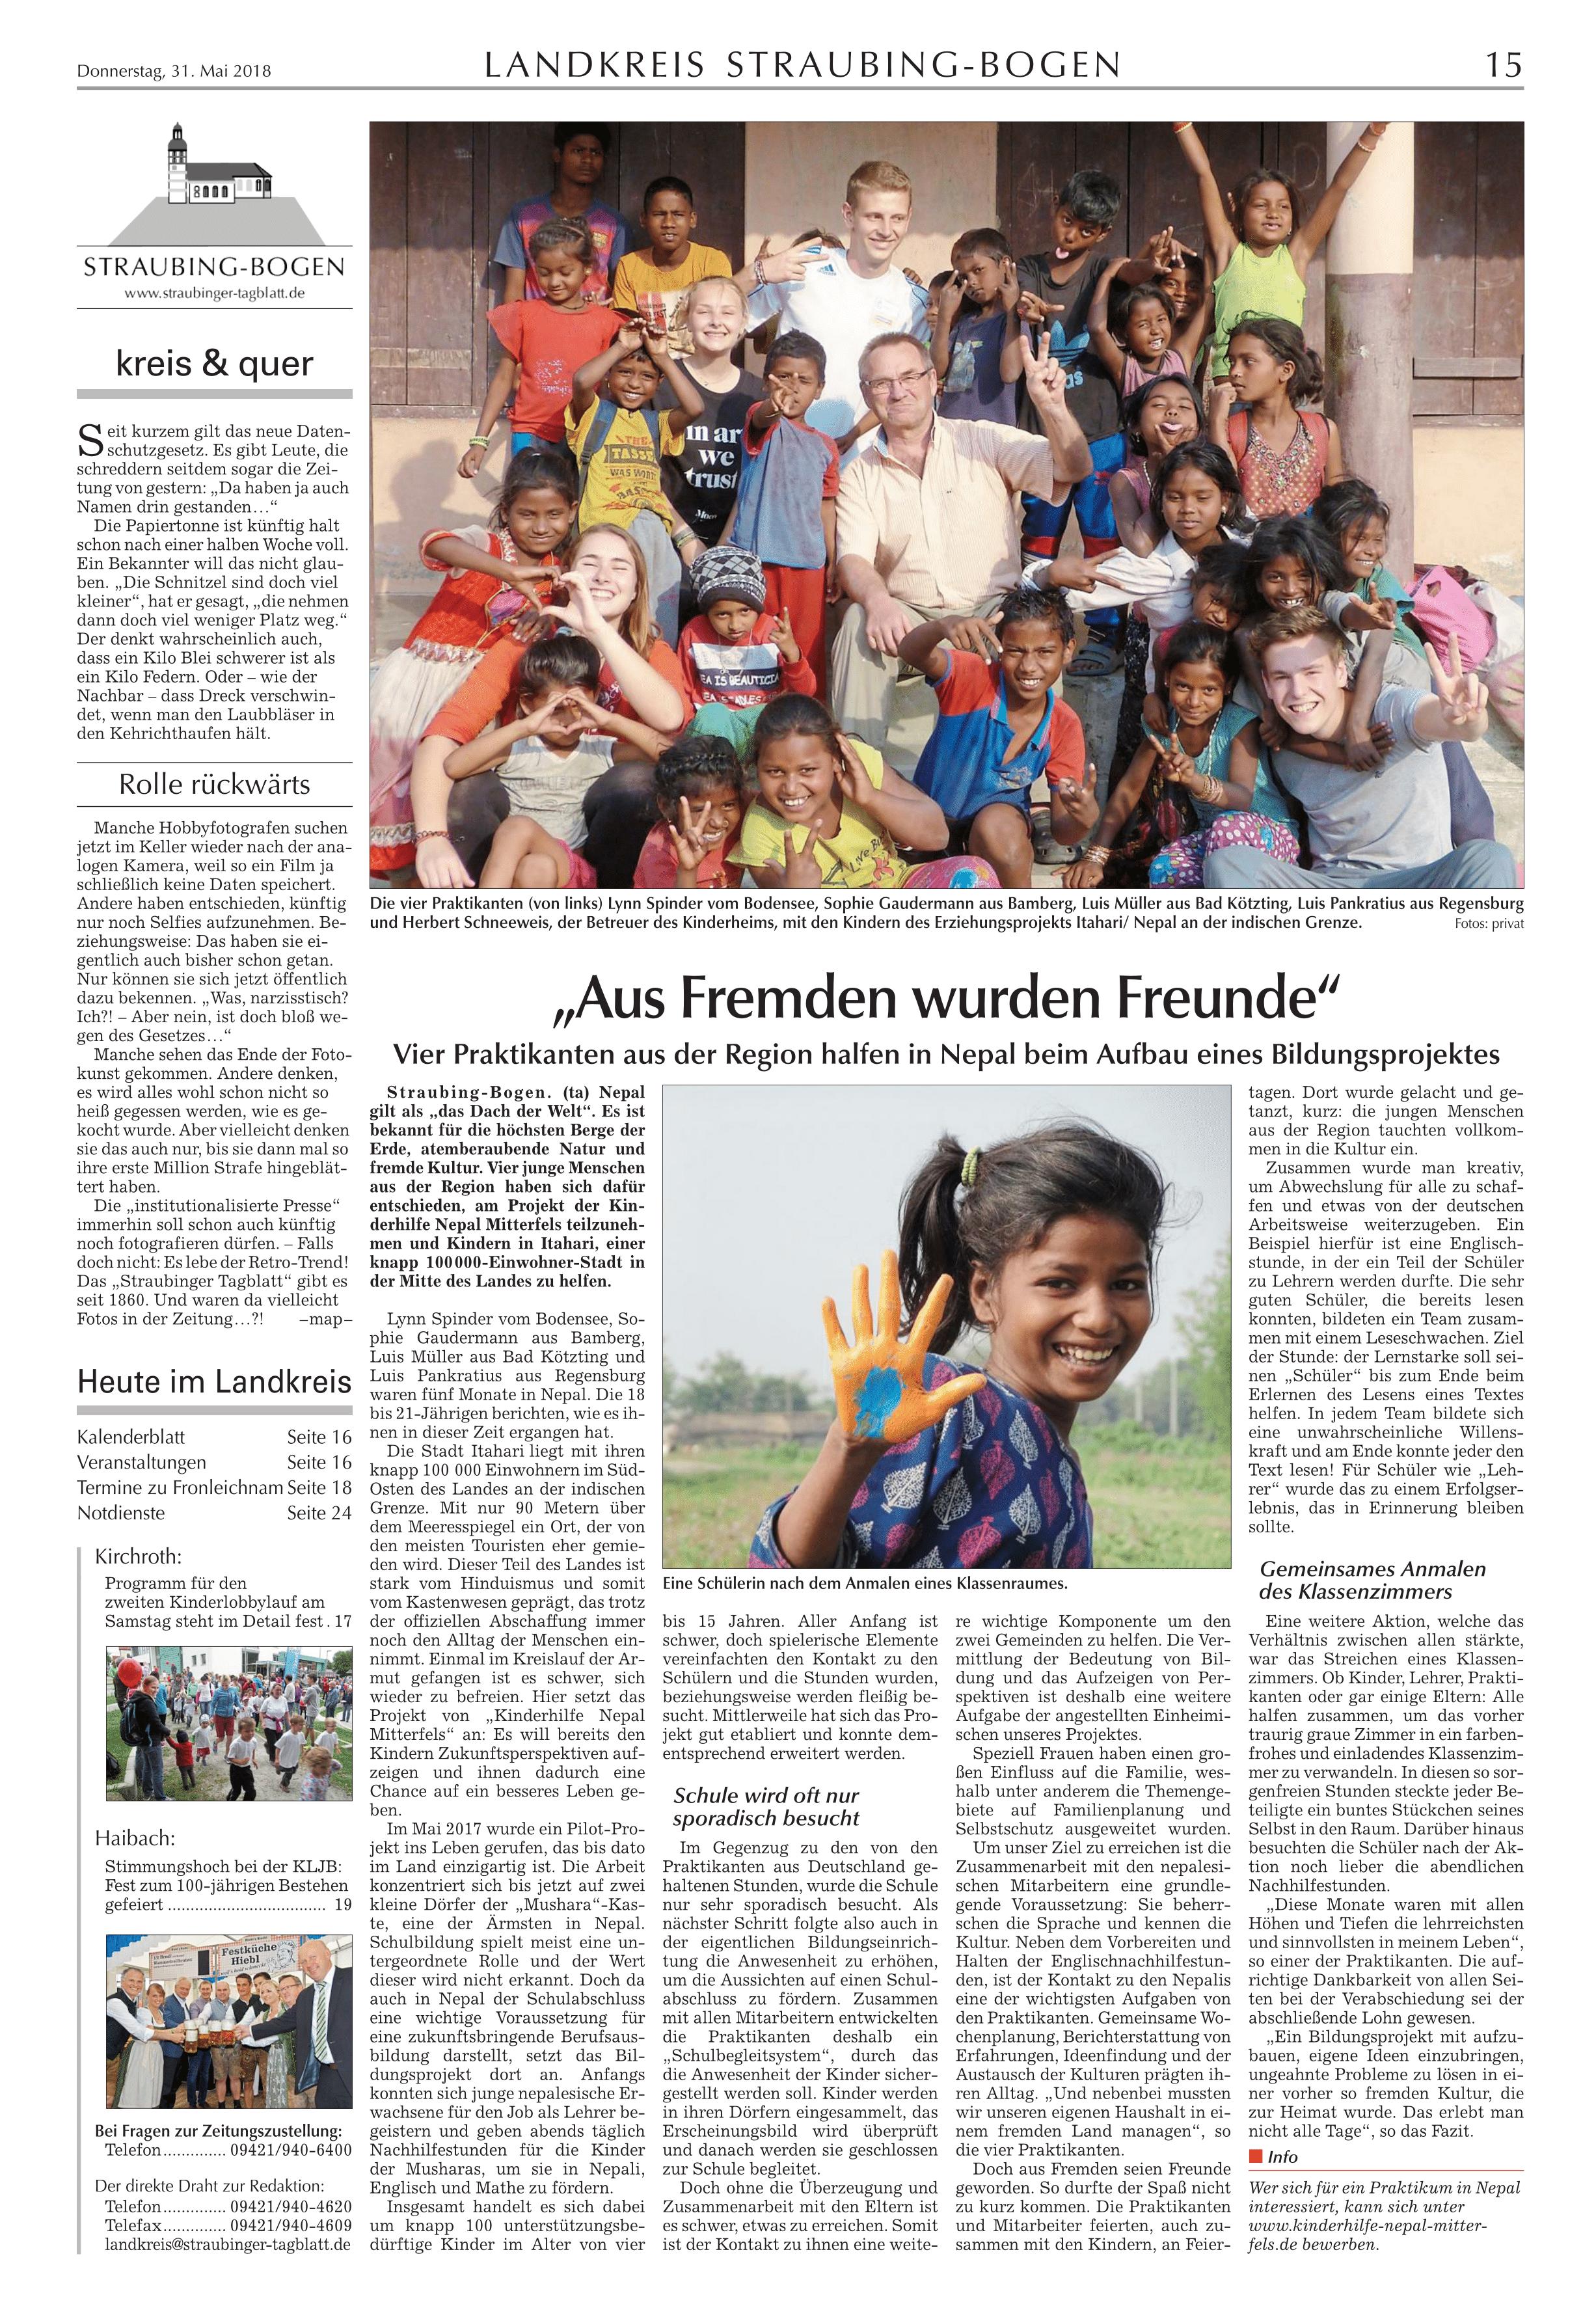 Zeitungsbericht zum Bildungsprojekt Itahari vom 31. Mai 2018 ...